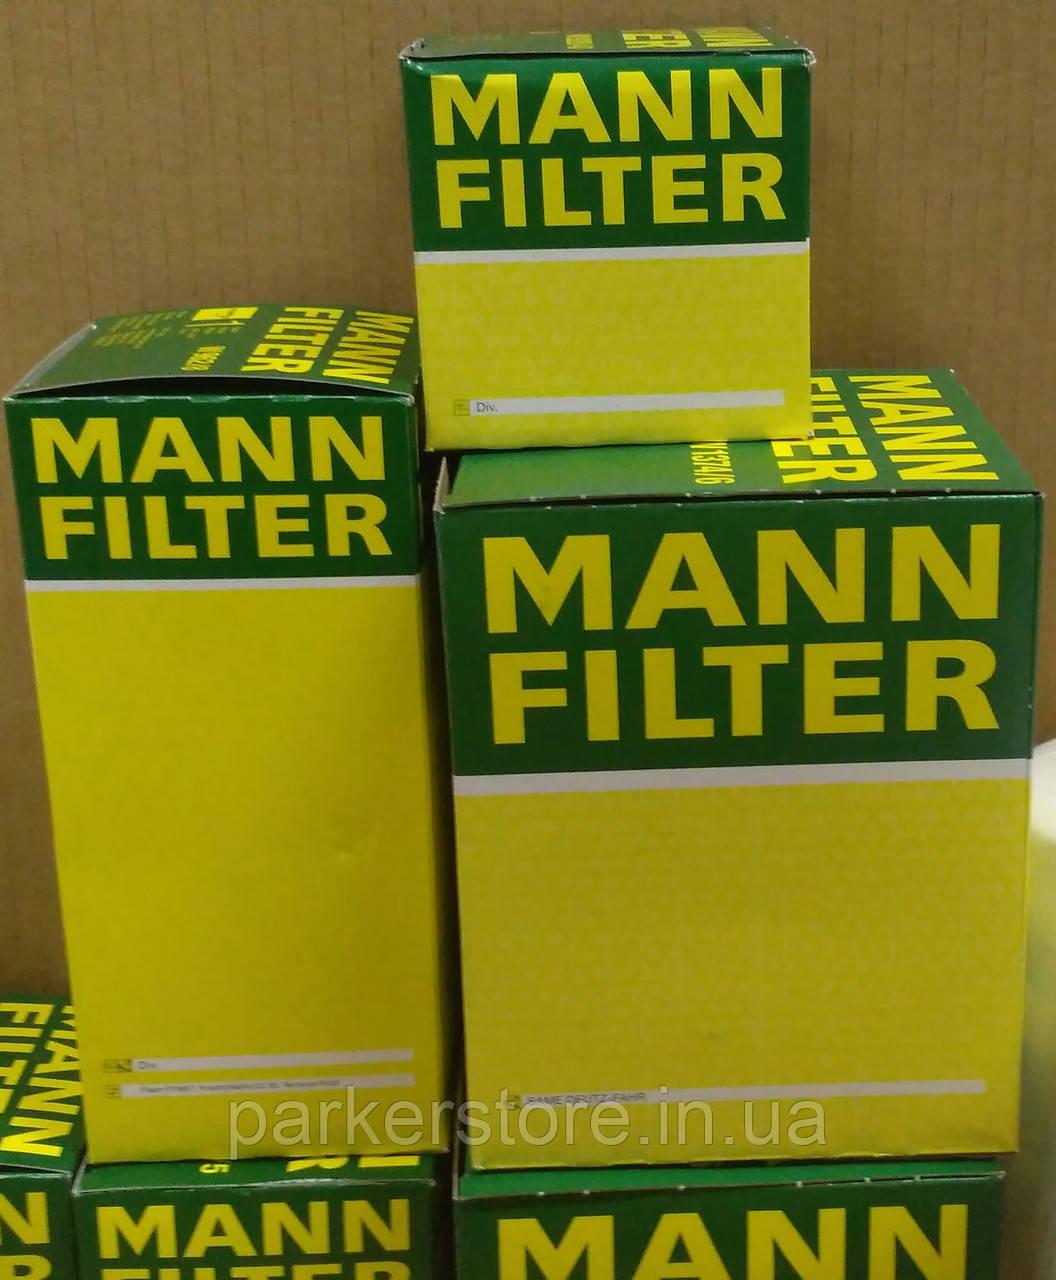 MANN FILTER / Повітряний фільтр / C 25 114 / C25114